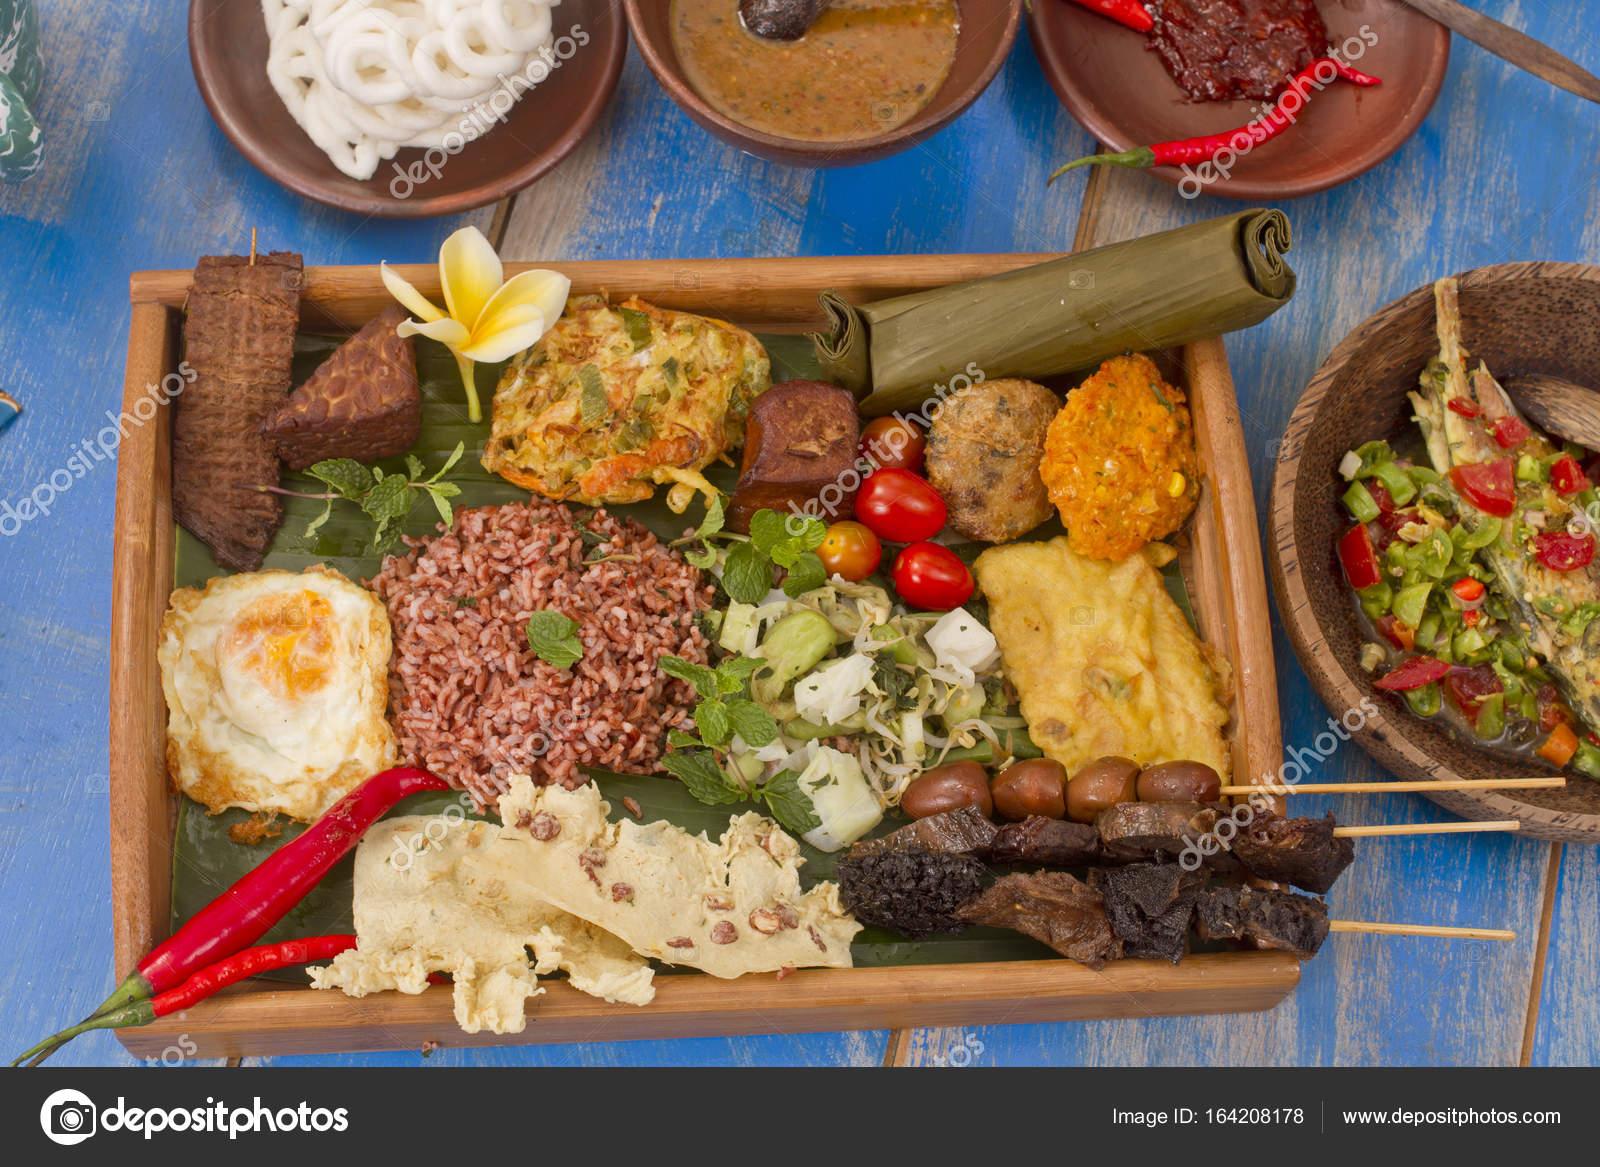 インドネシア pecel 野菜サラダ ストック写真 ismedhasibuan 164208178